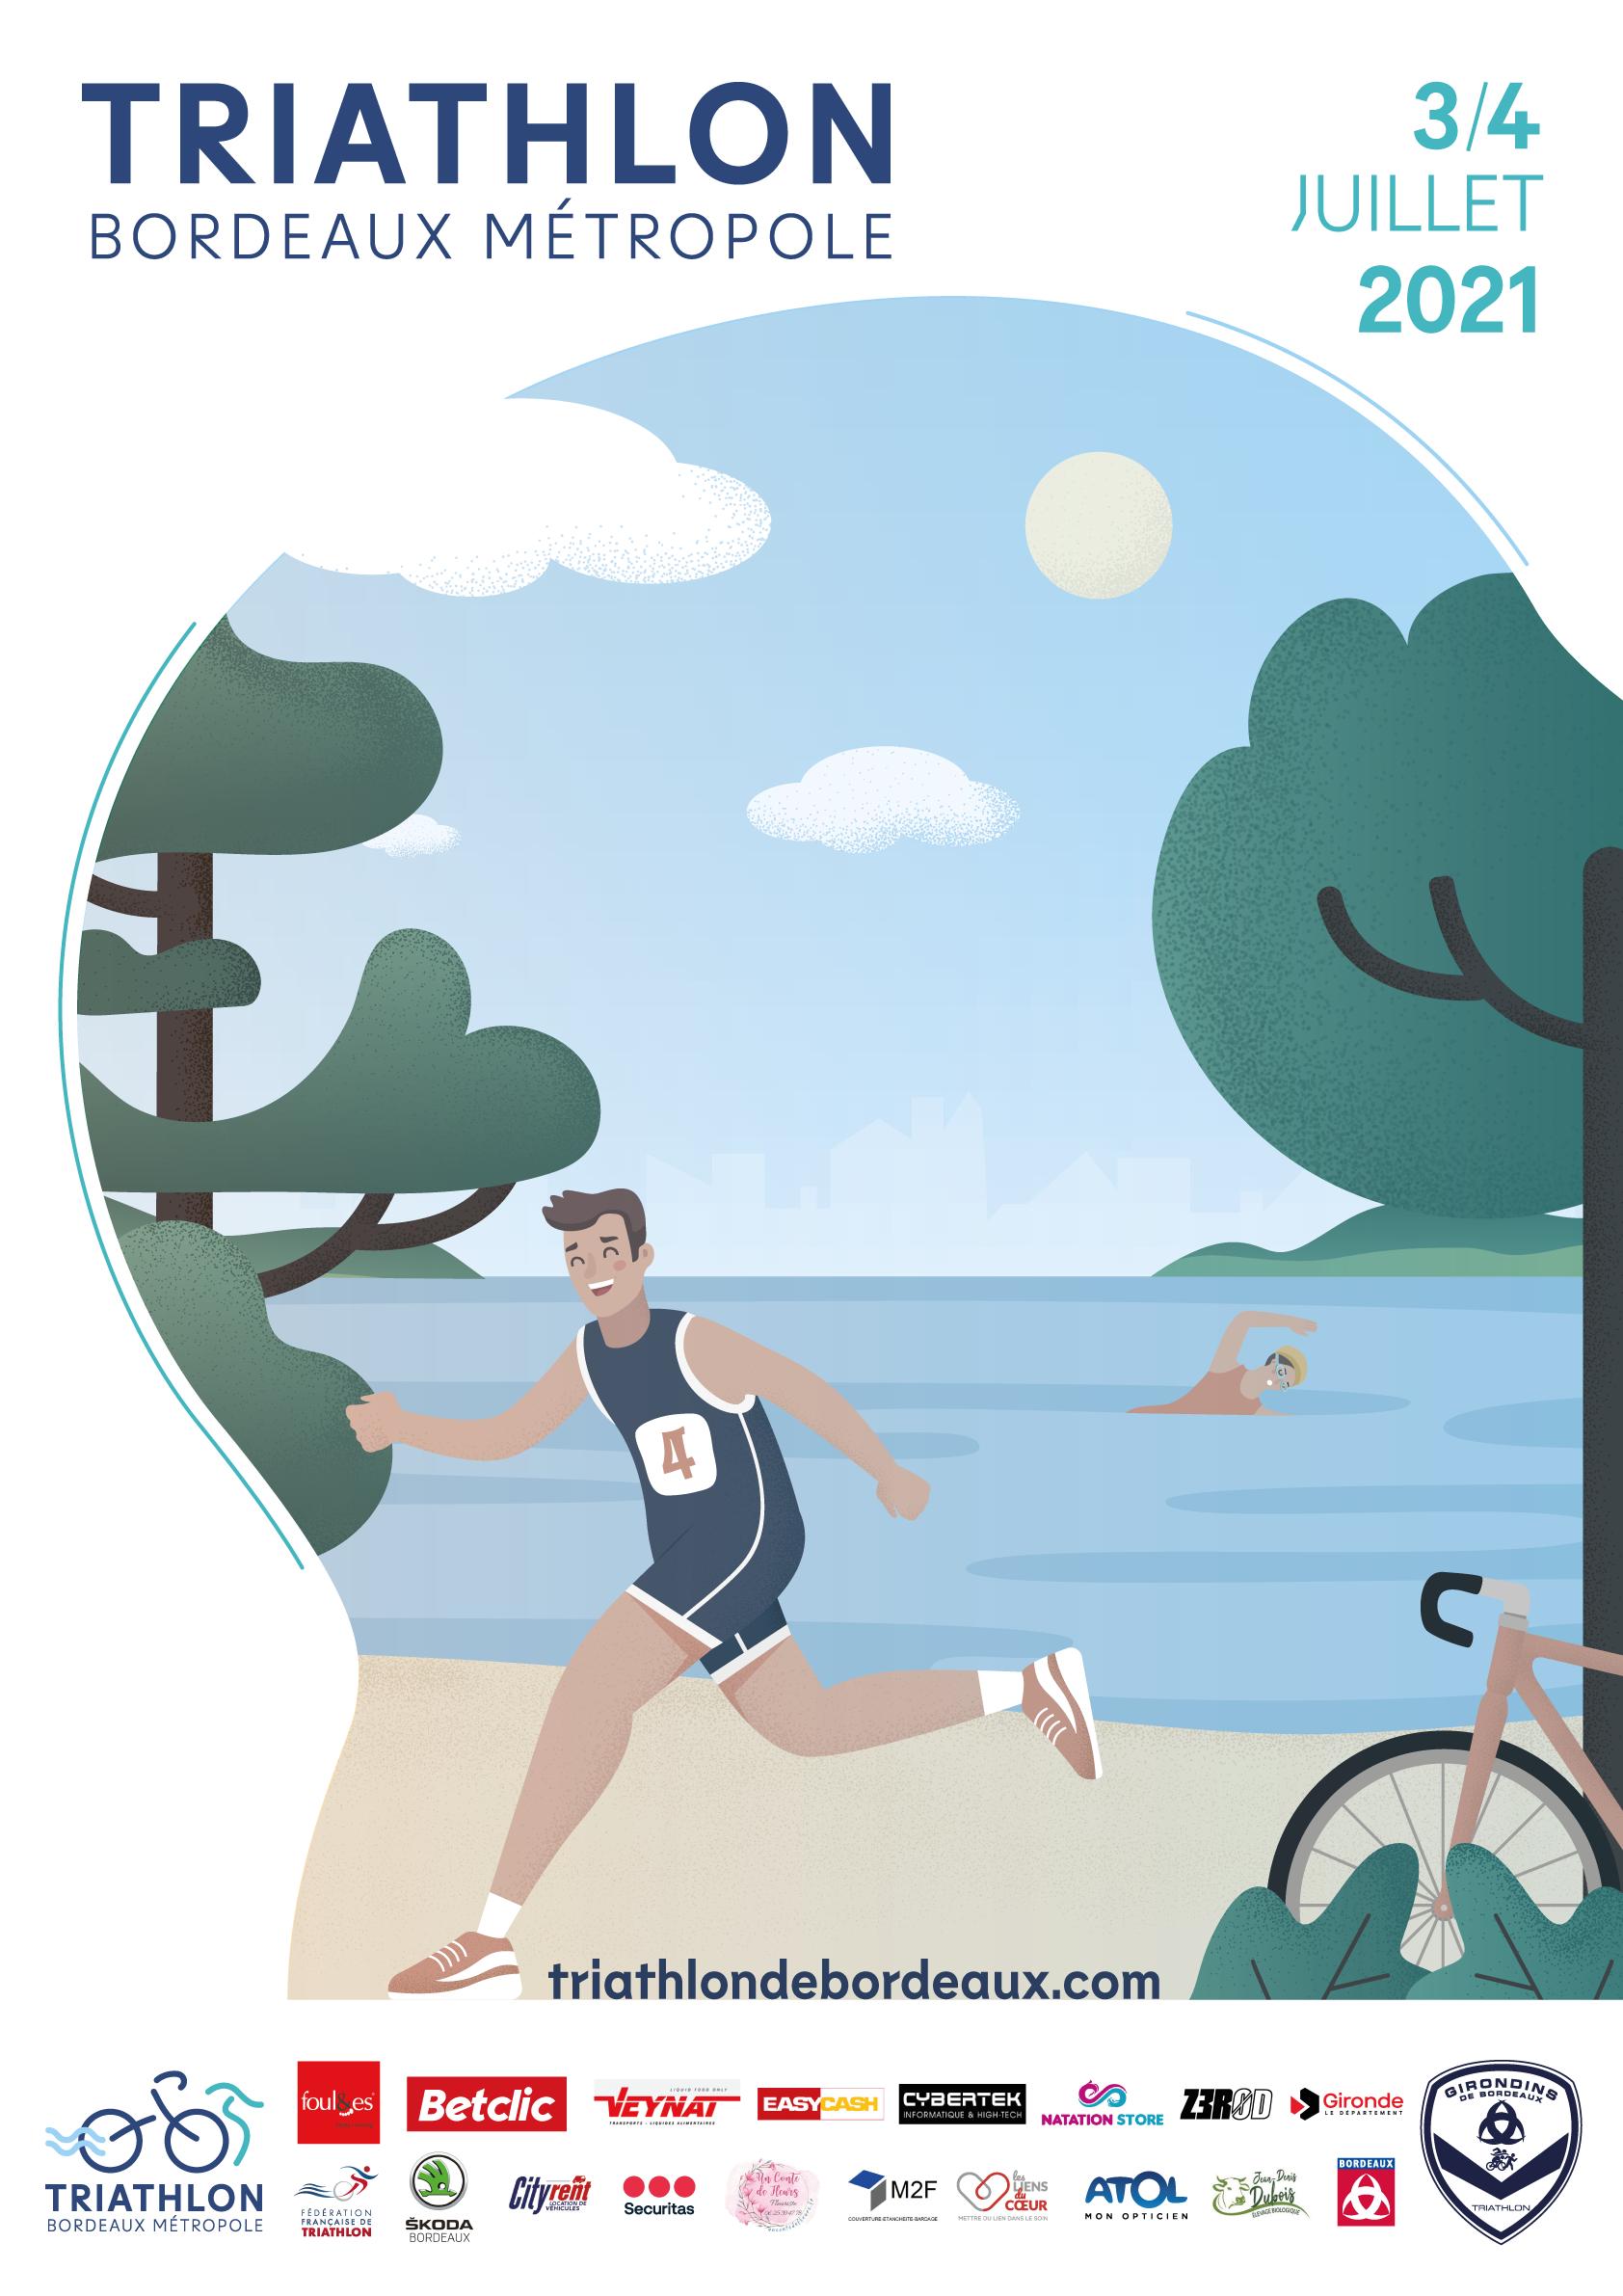 affiche-triathlon-bordeaux-metropole-2021